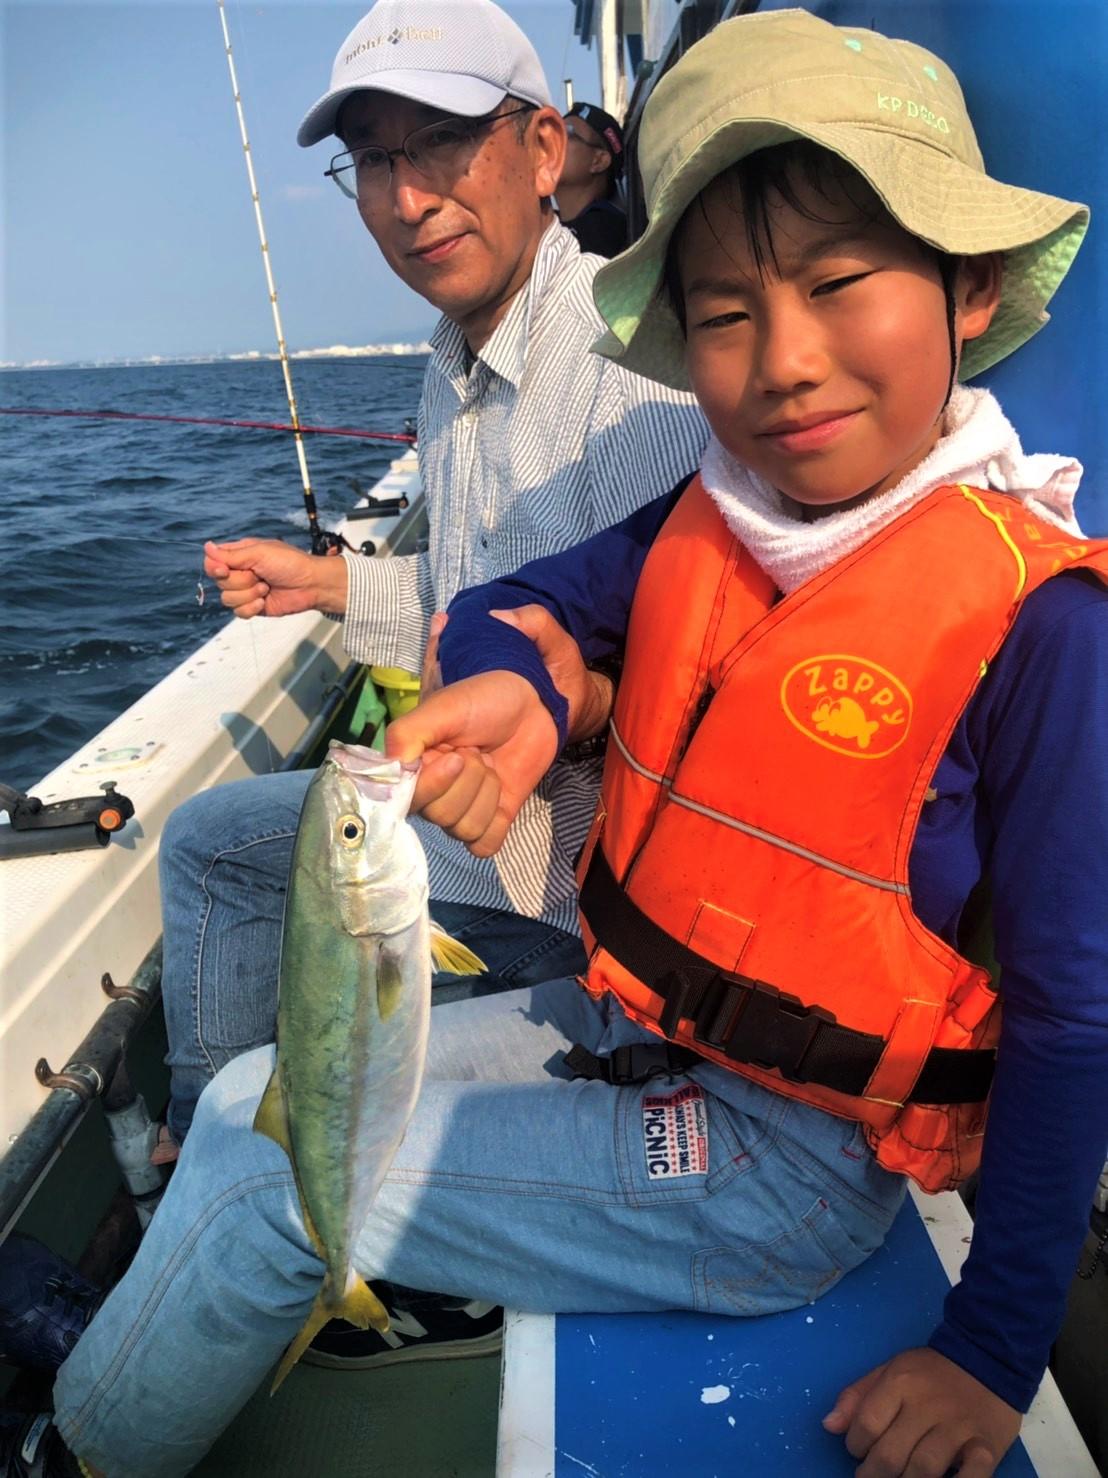 Familyfishing5_20190809190701